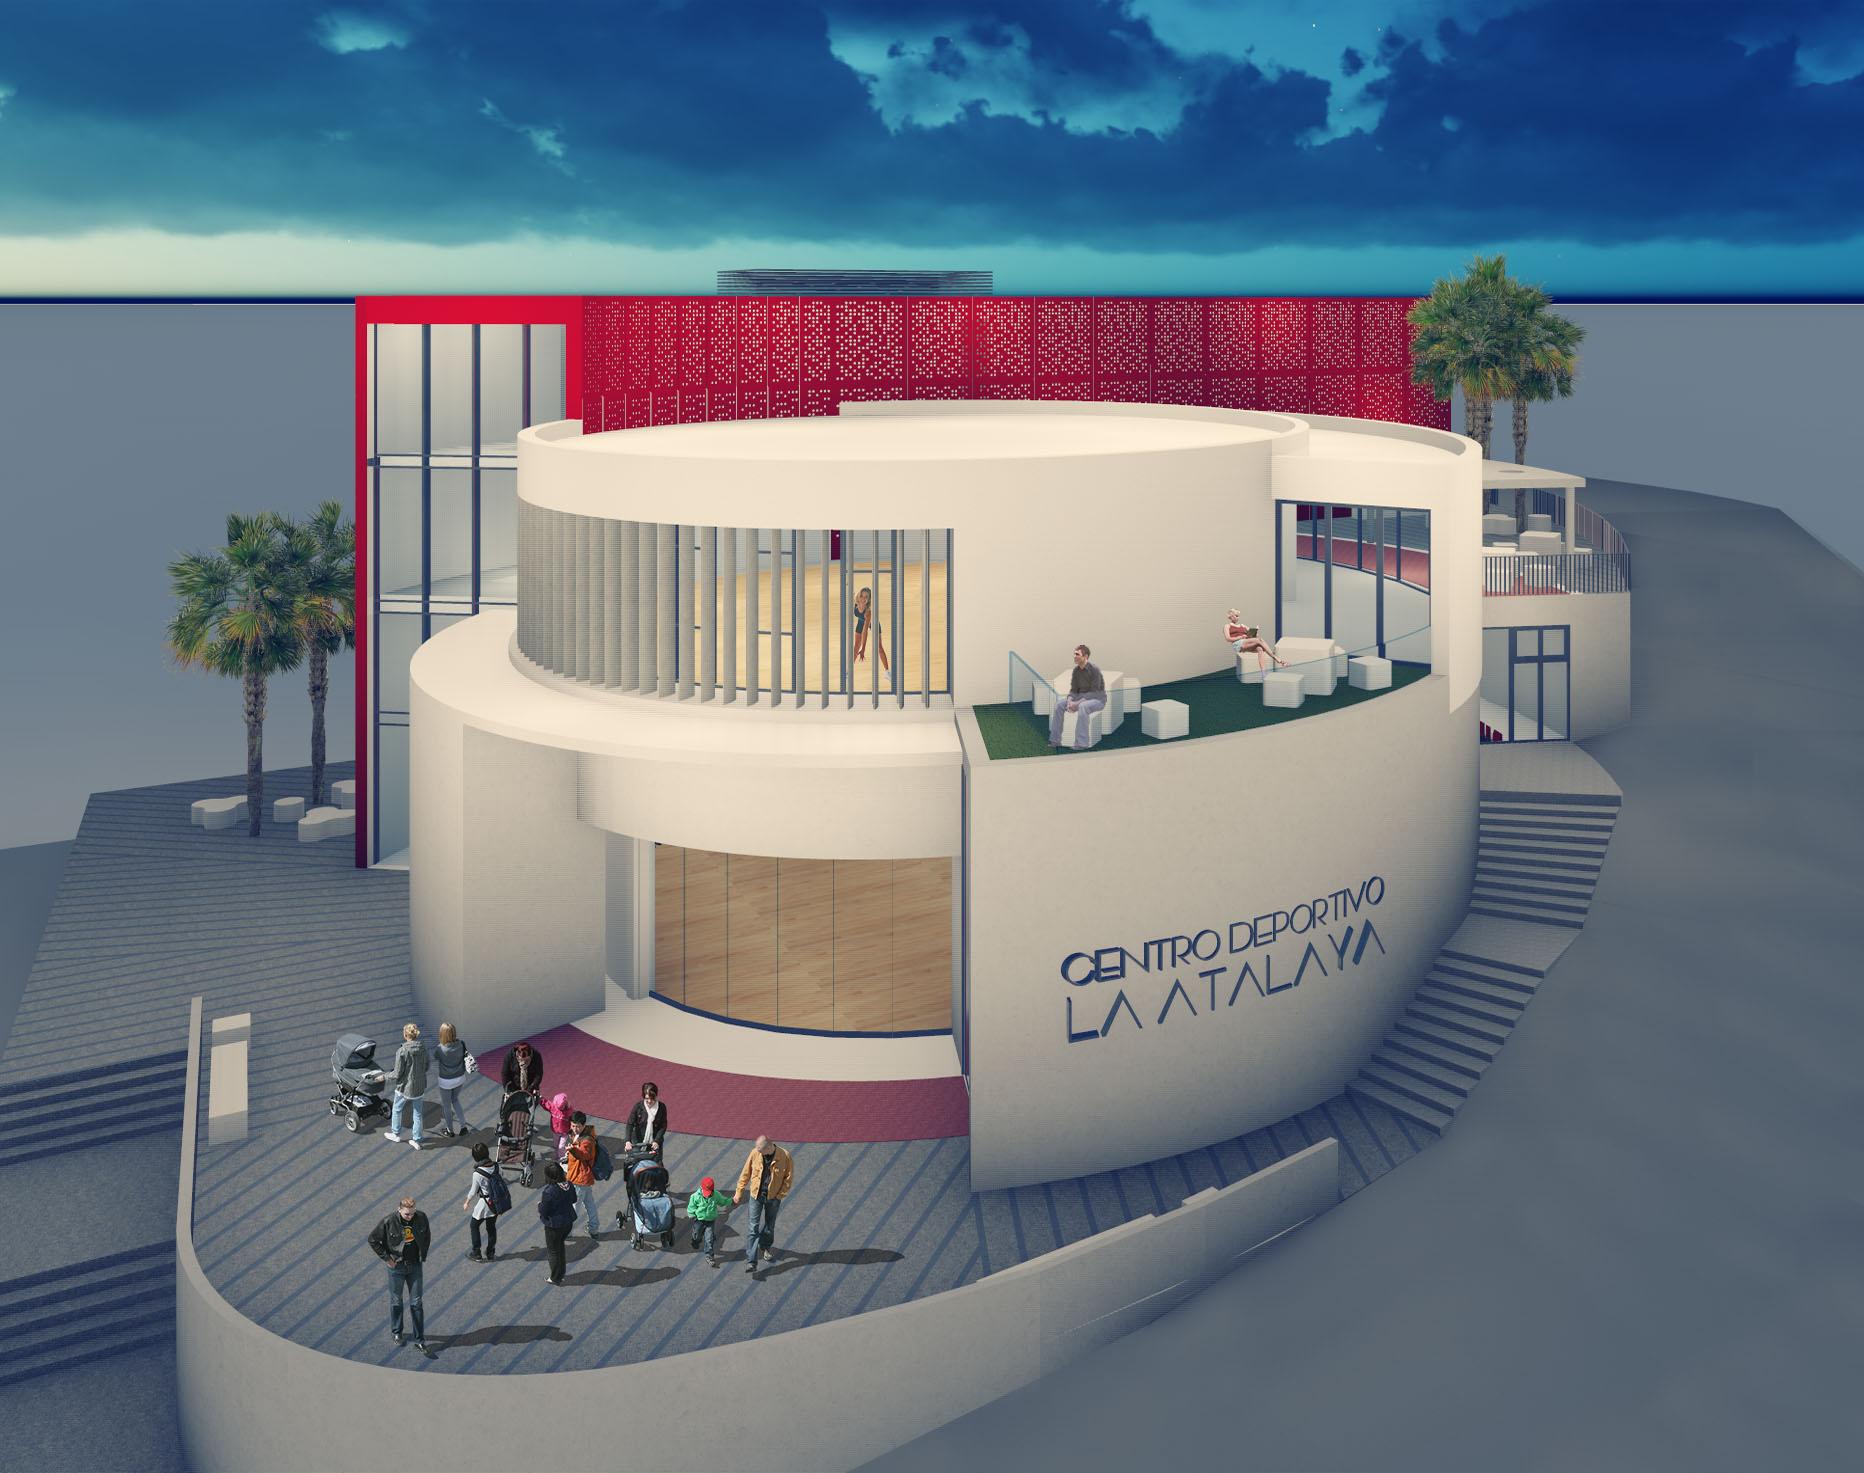 Comienzan las obras del nuevo Centro Cívico-Deportivo de La Atalaya